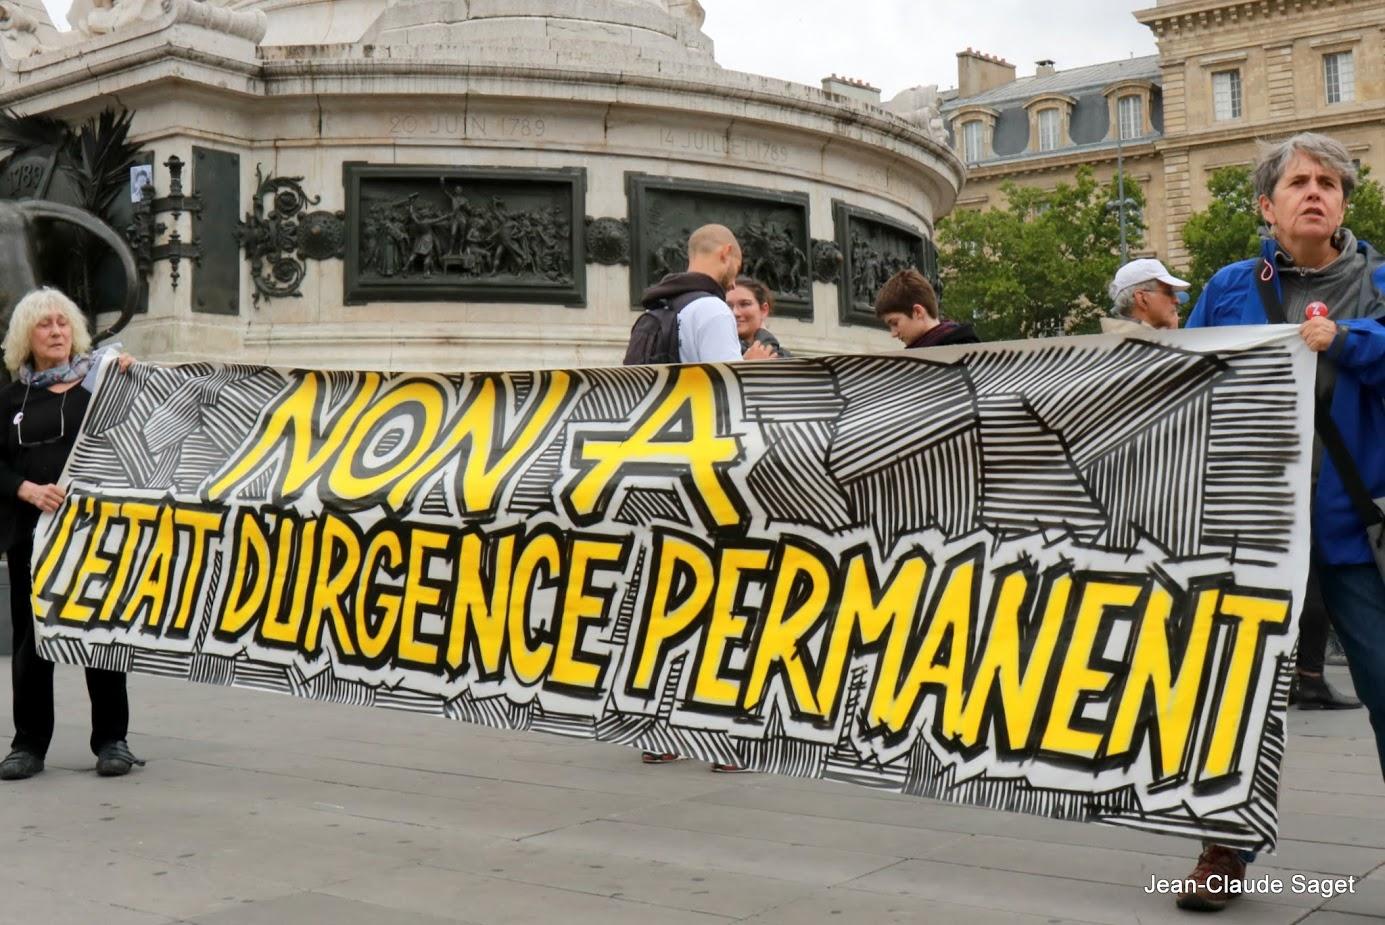 Manifestation contre l'instauration de l'Etat d'urgence permanent